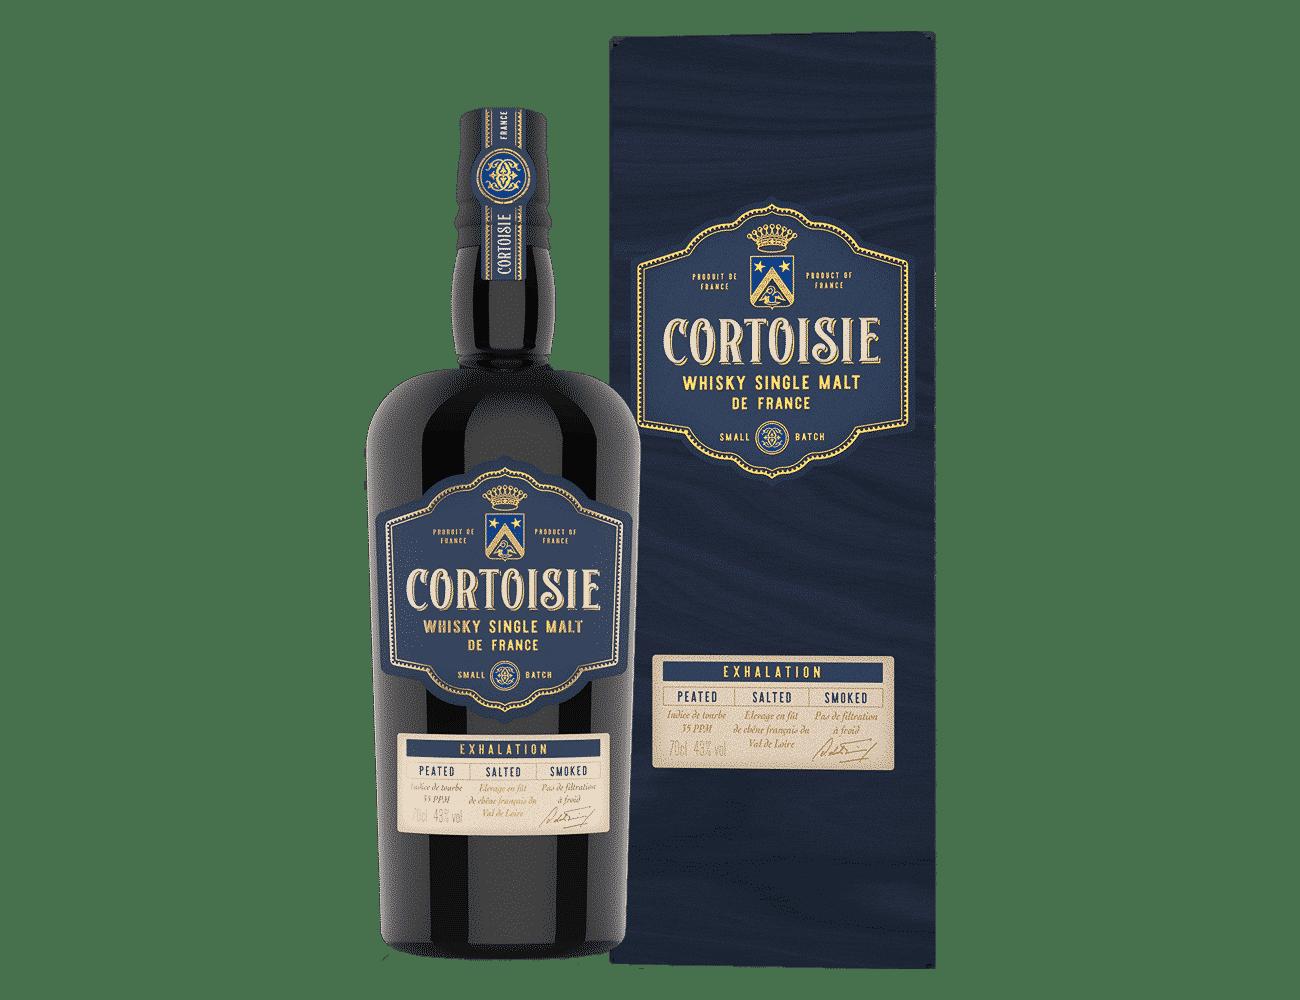 Cortoisie2